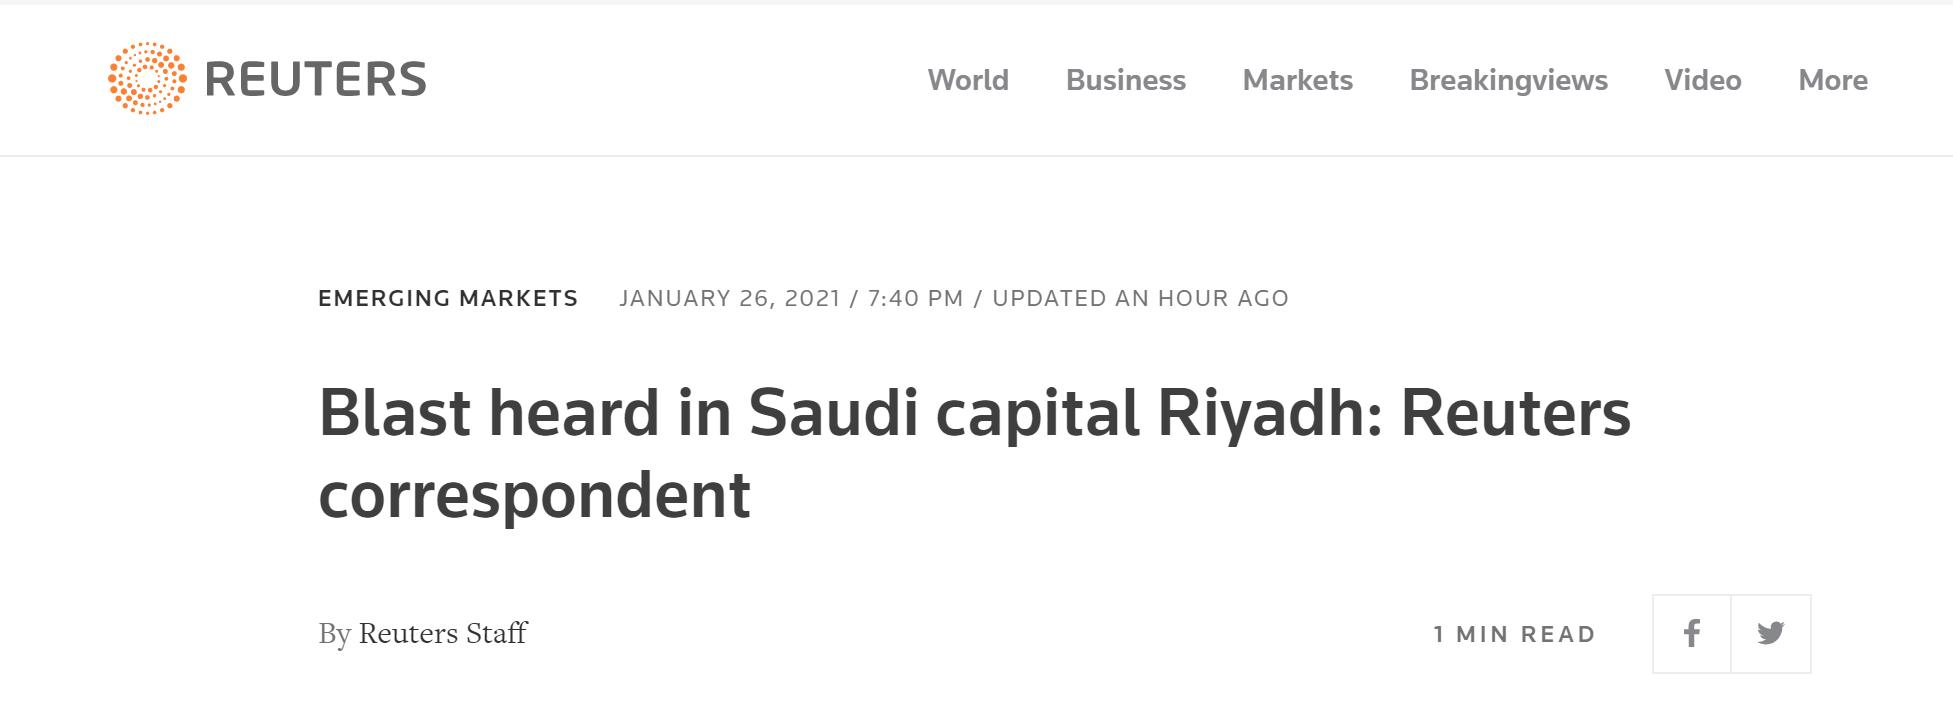 路透社:记者在沙特首都利雅得听到爆炸声